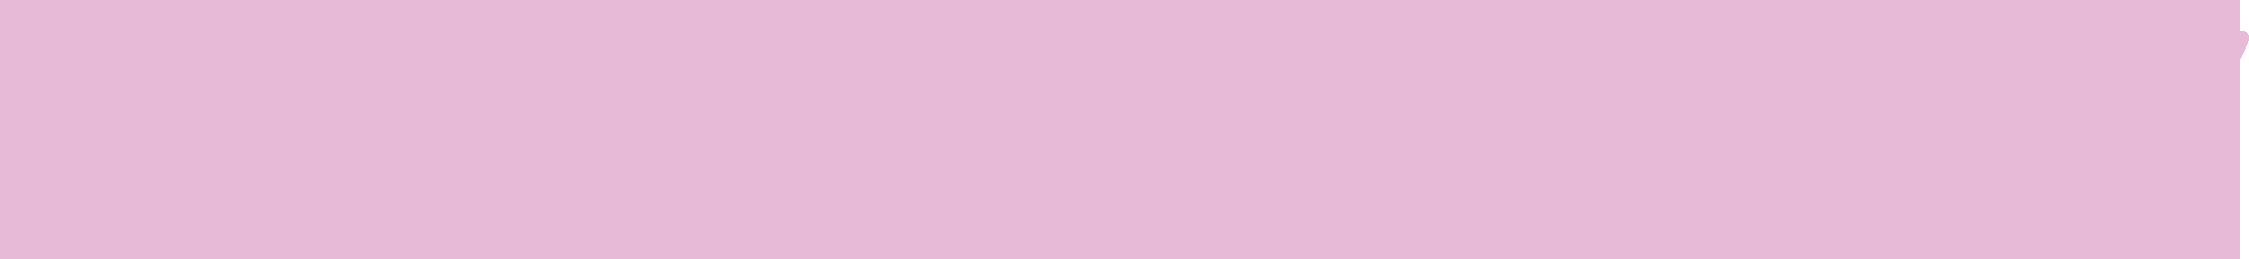 Pink line v2.png